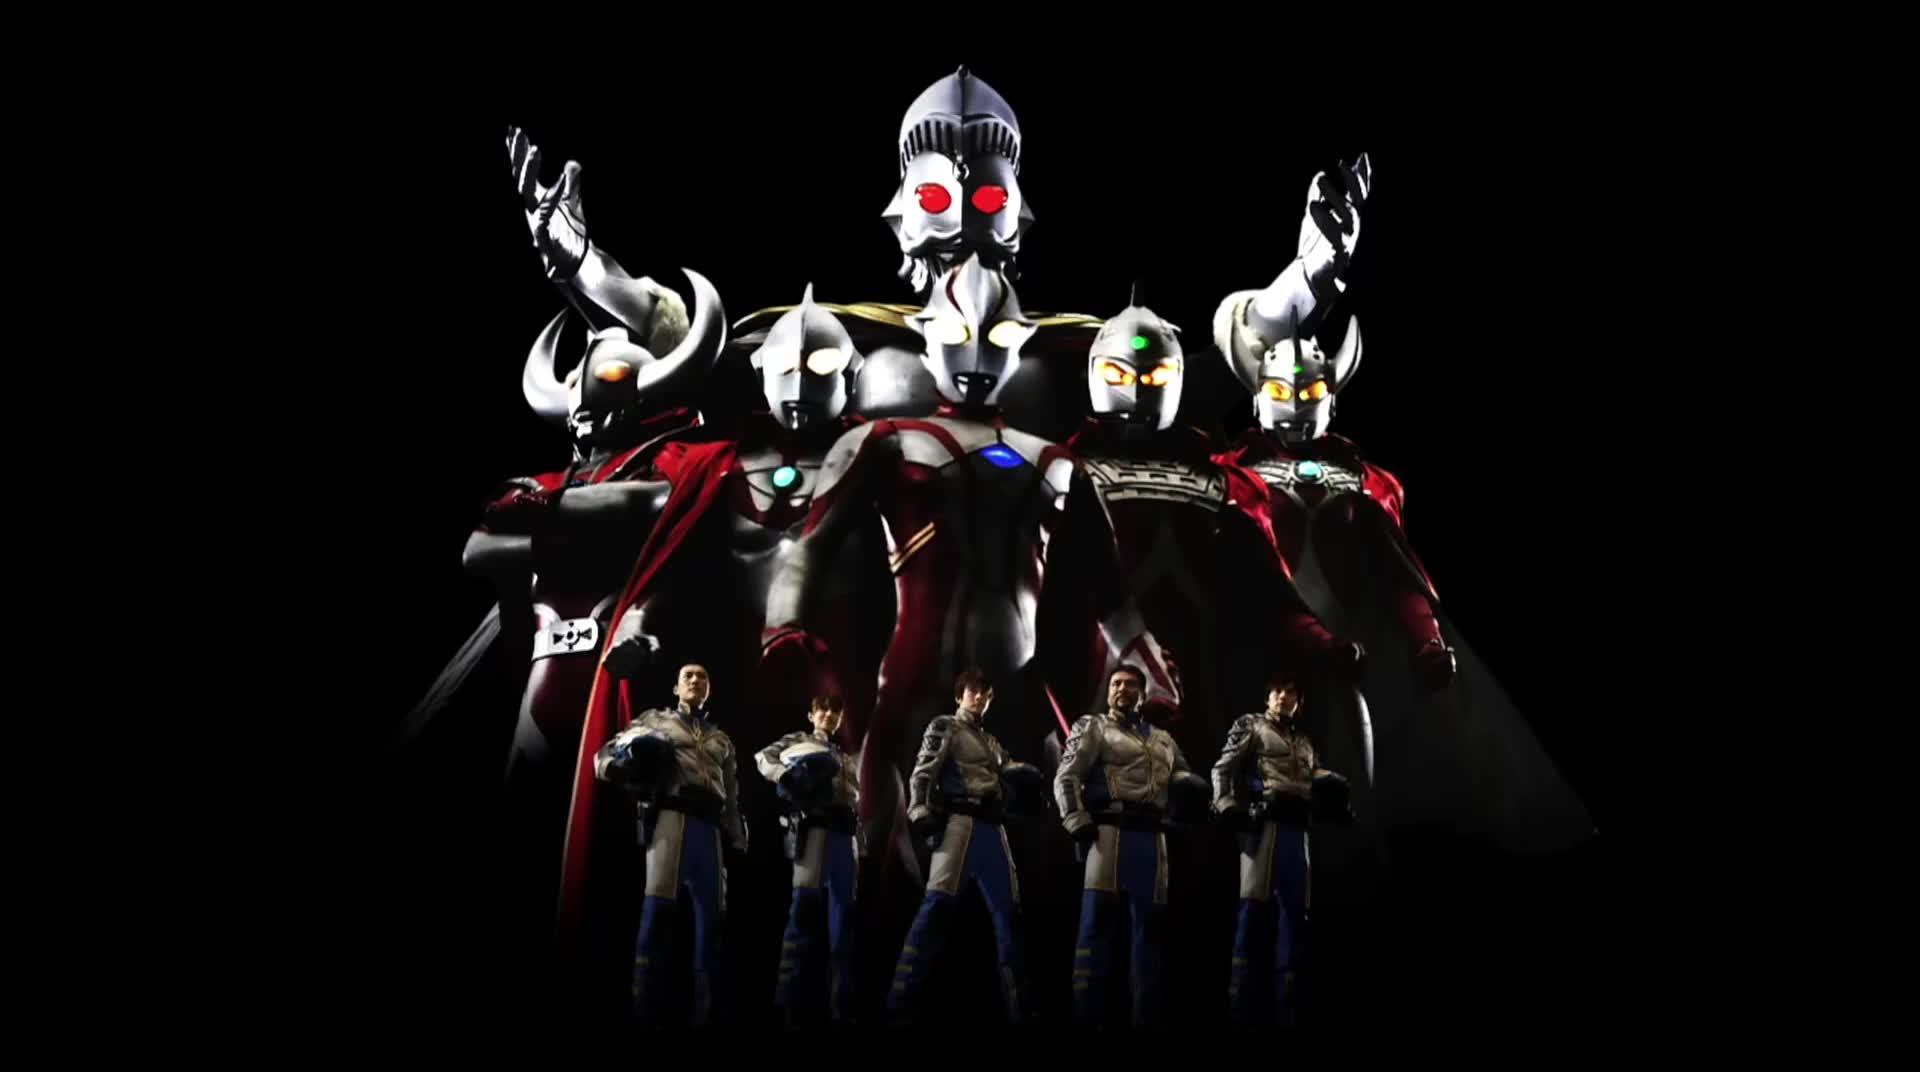 Ultraman 13 Details